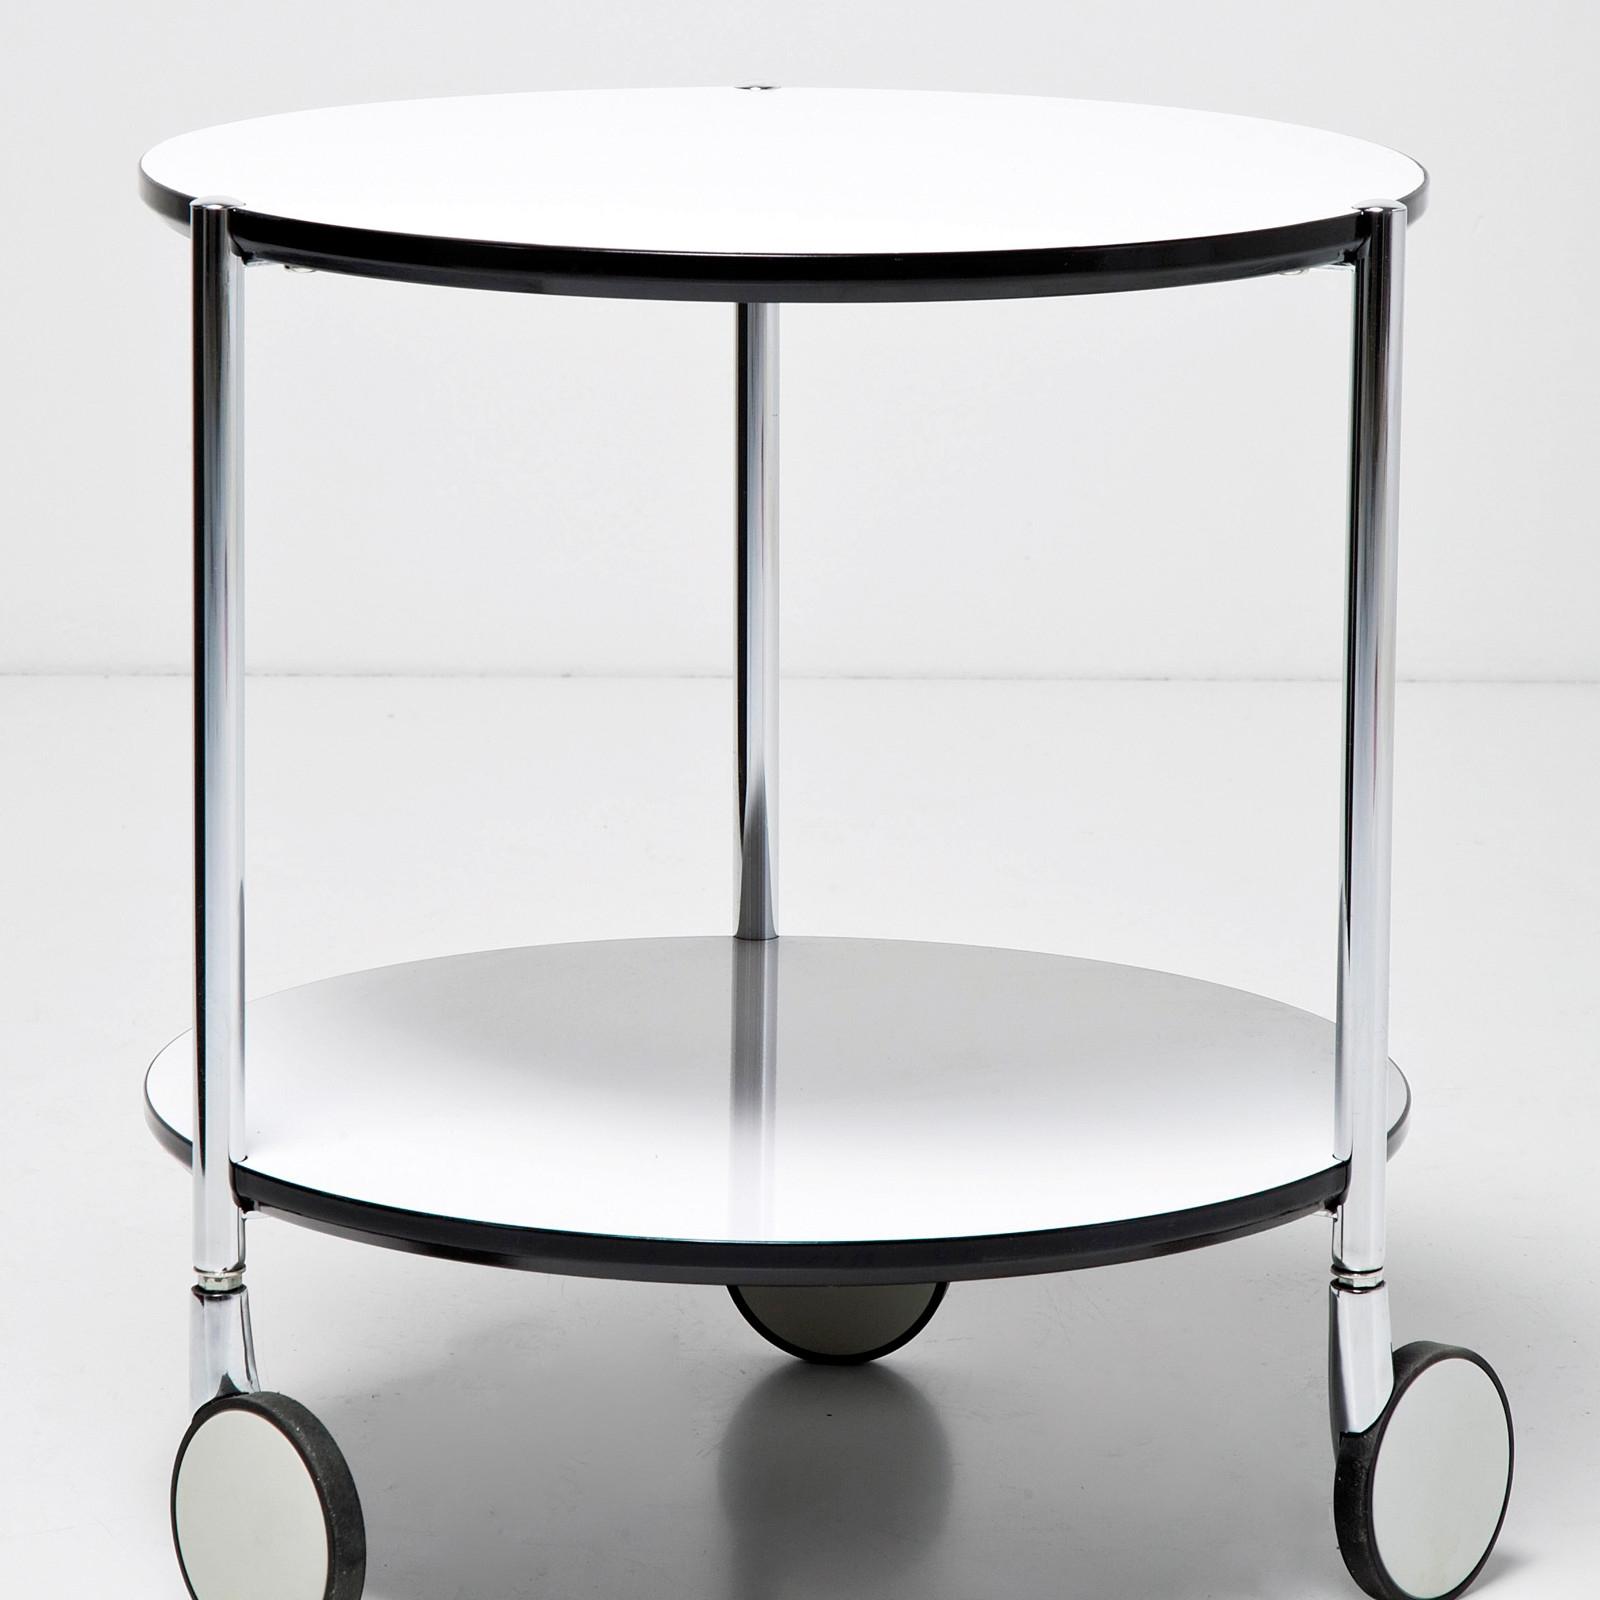 edler beistelltisch doppio dia 40cm mit rollen wei design couchtisch ebay. Black Bedroom Furniture Sets. Home Design Ideas